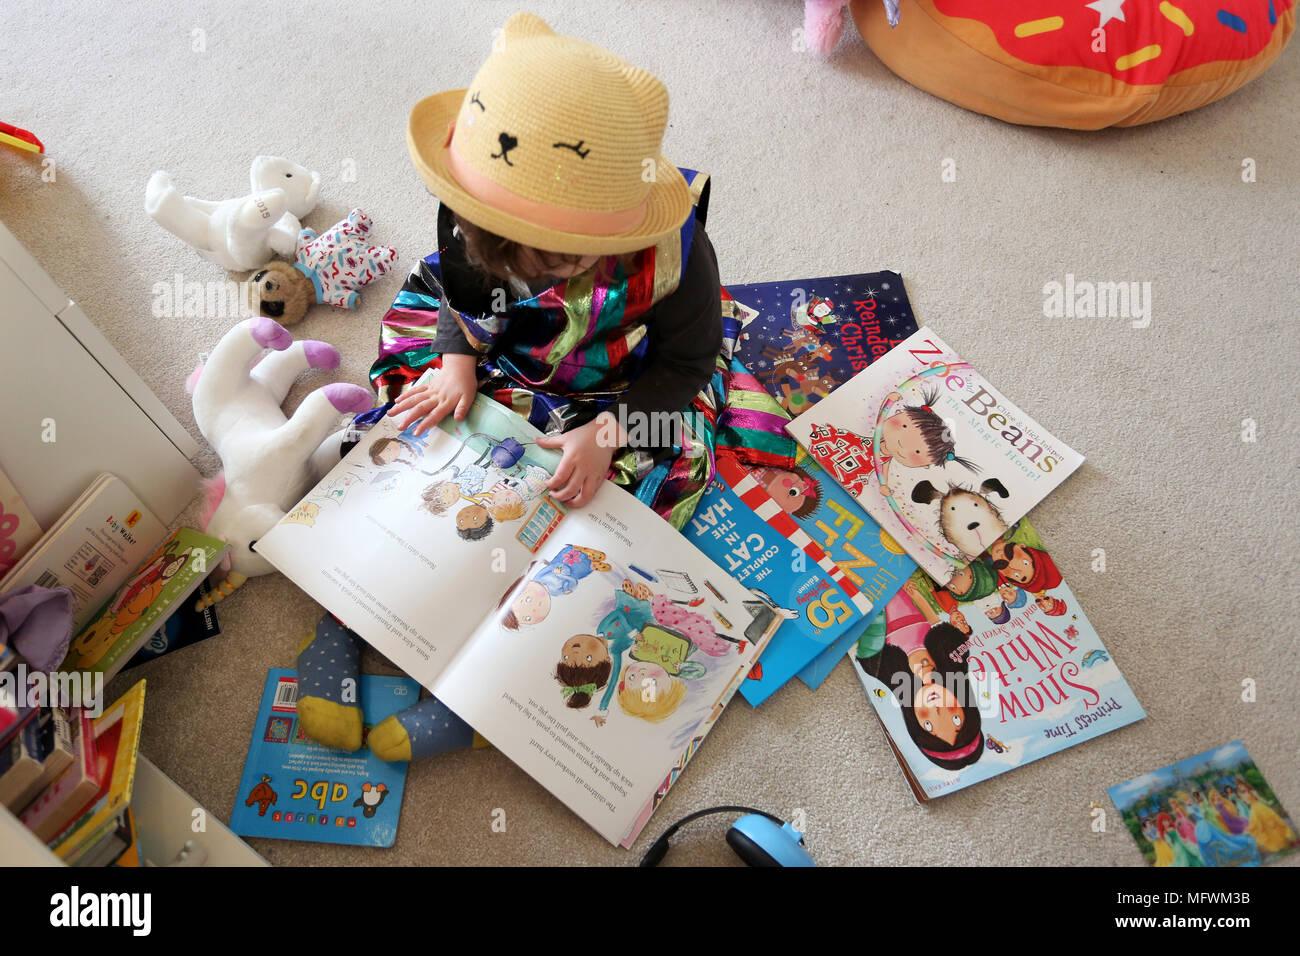 Ein Junges Mädchen, Das Lesen Von Büchern In Ihrem Schlafzimmer In Cooler,  Farbenfroher Kleidung In London, UK Gekleidet.